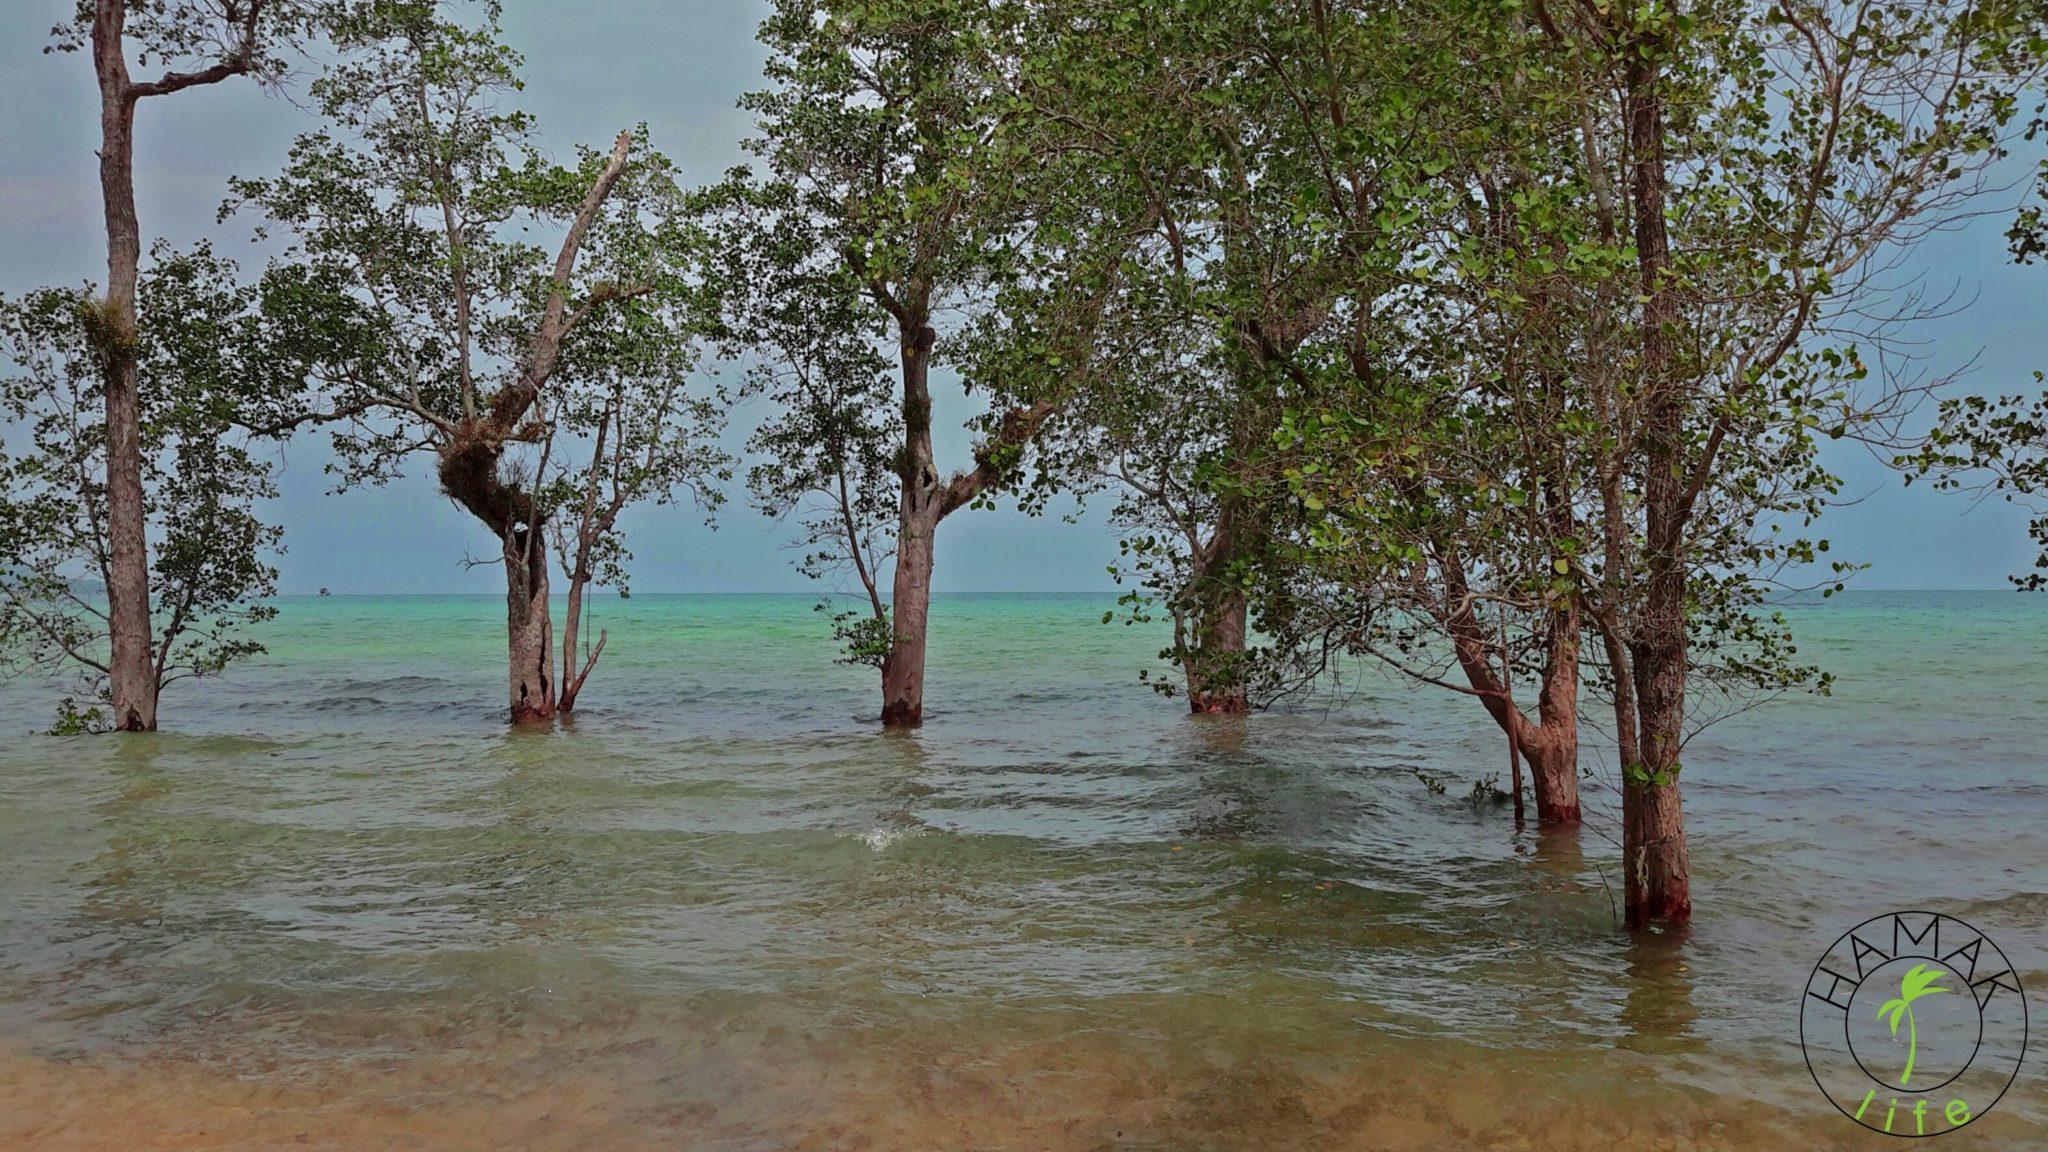 Pulau Tioman. Roślinność namorzynowa, czyli drzewa nad brzegiem morza.